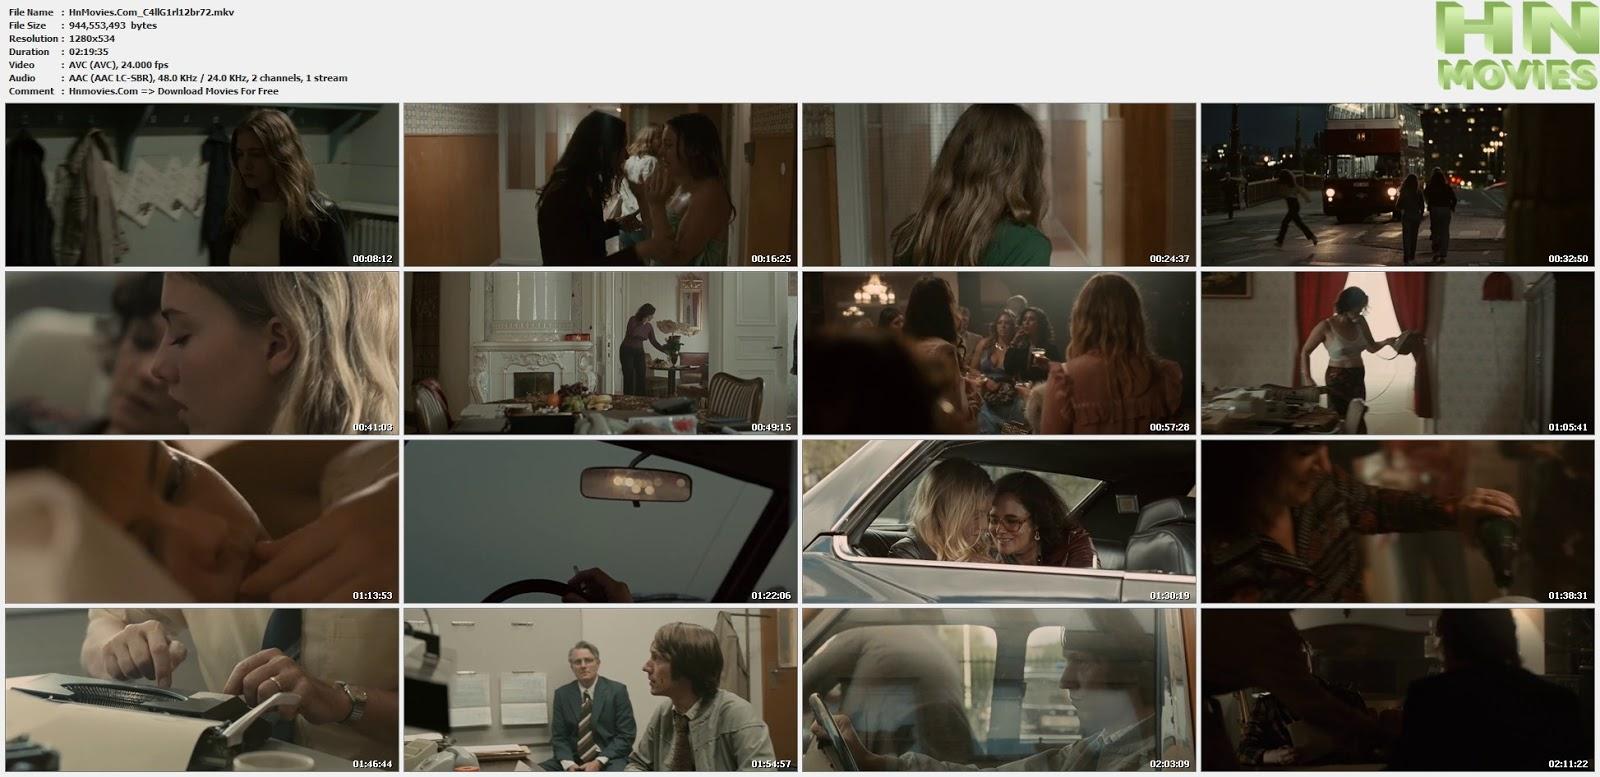 movie screenshot of Call Girl fdmovie.com